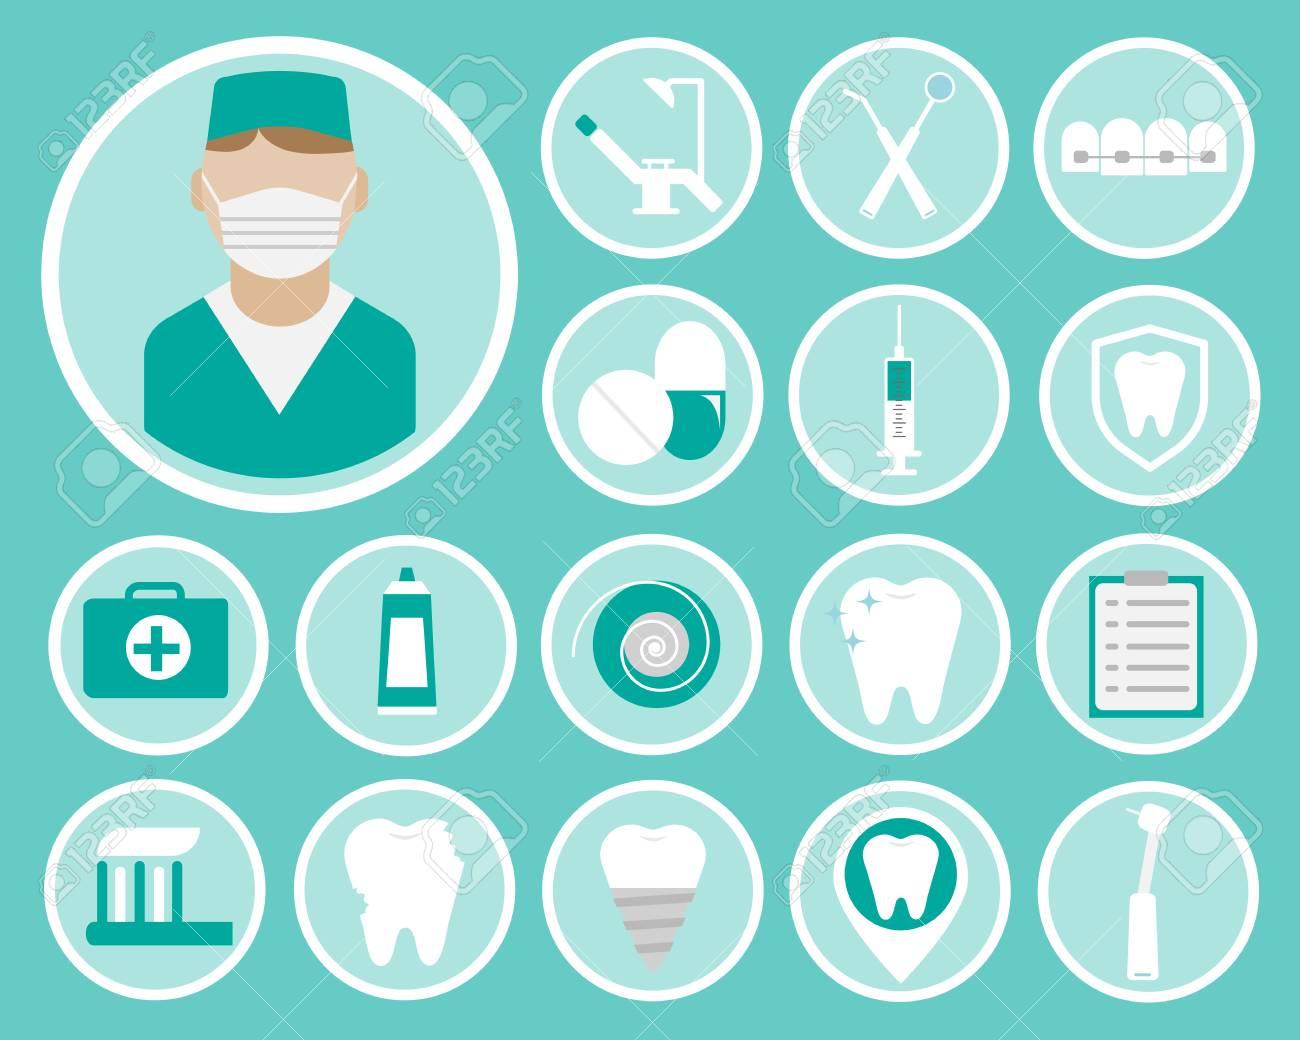 Dentaires Icones Vectorielles Plats Pour Votre Site Web Cartes De